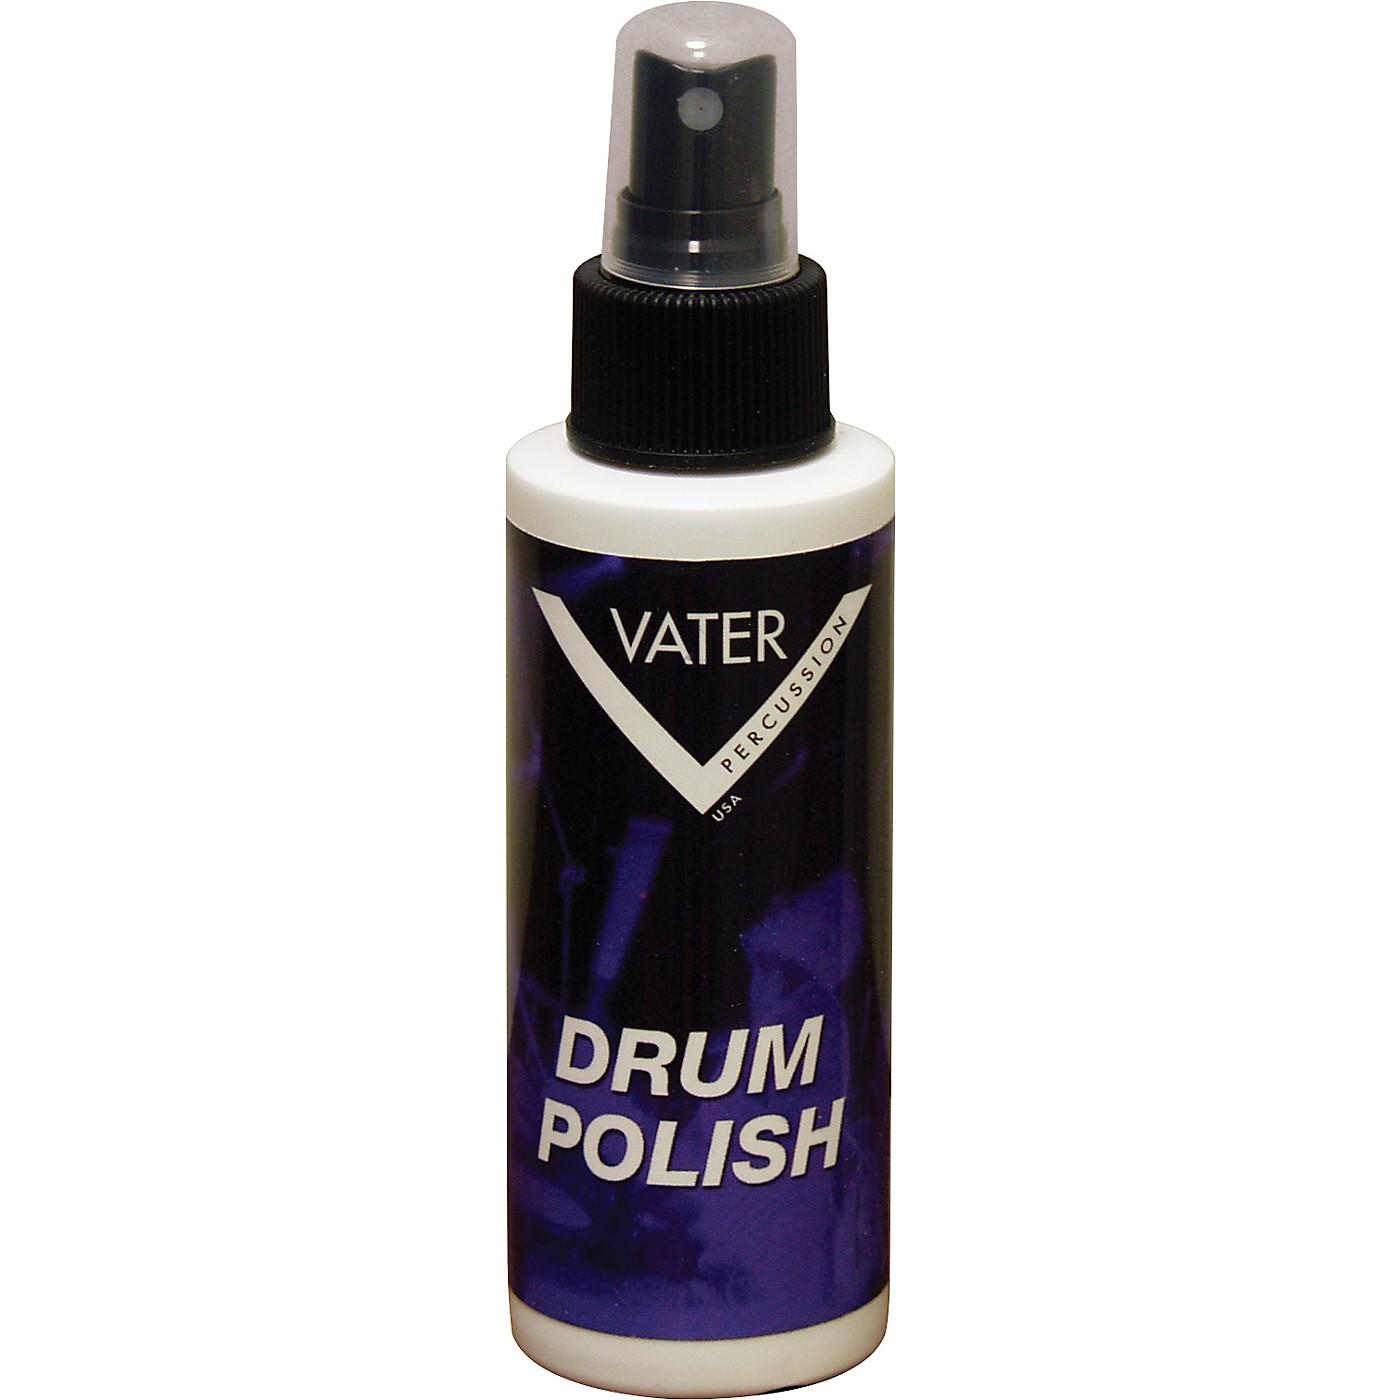 Vater Drum Polish thumbnail